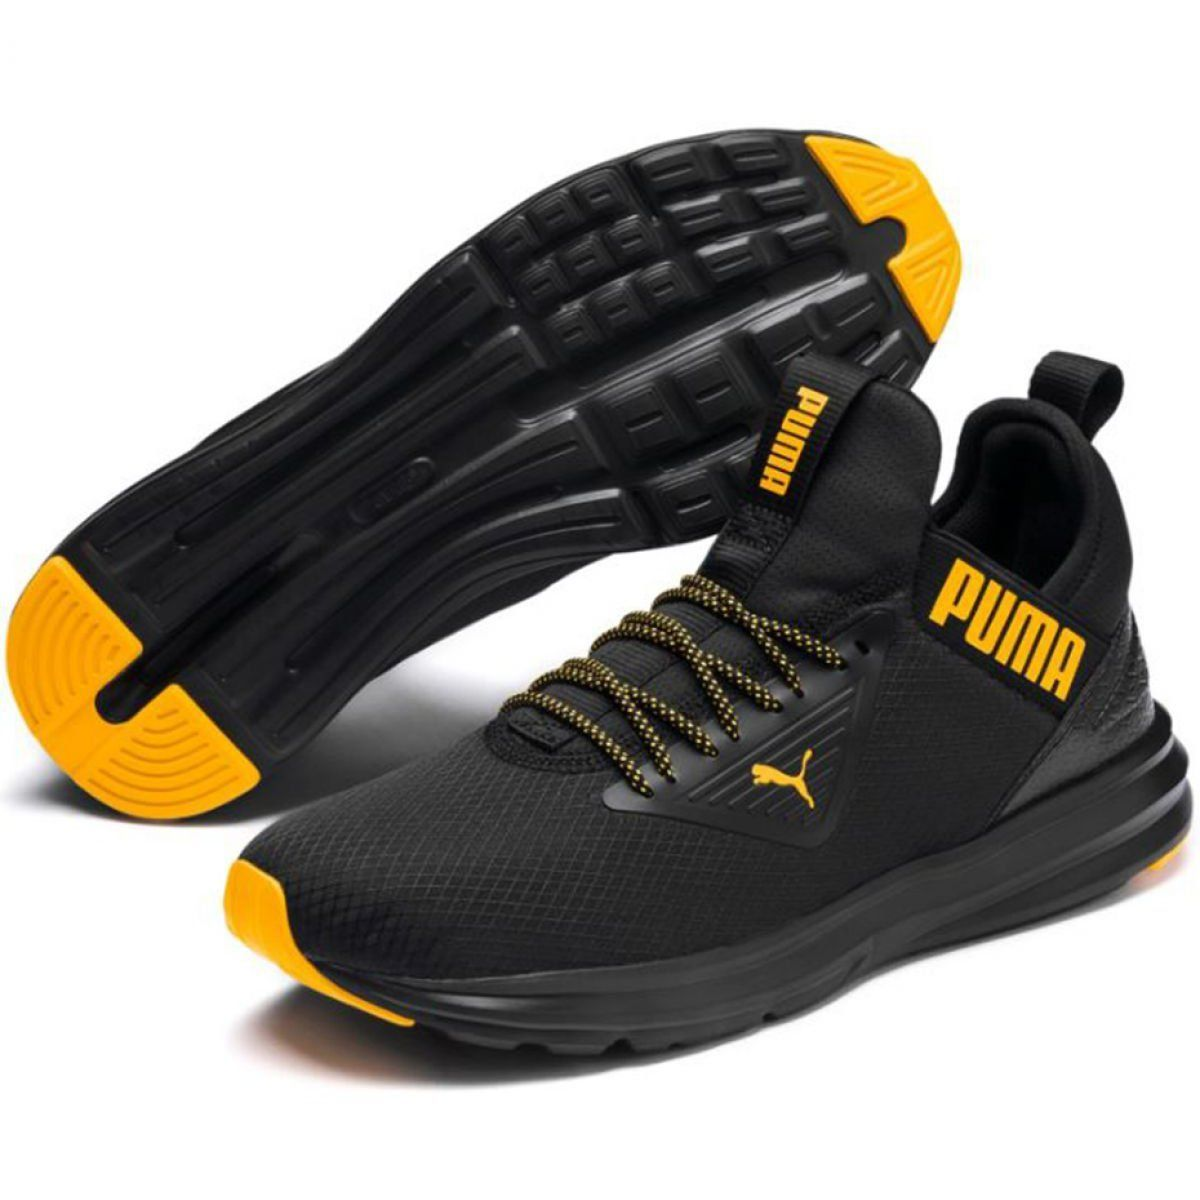 Puma Enzo Beta M 192595 02 Shoes Black Buty Puma Enzo Beta M 192595 02 Czarne Sportowe Men Puma Boots Puma Enzo Training Shoes Shoes Shoes World